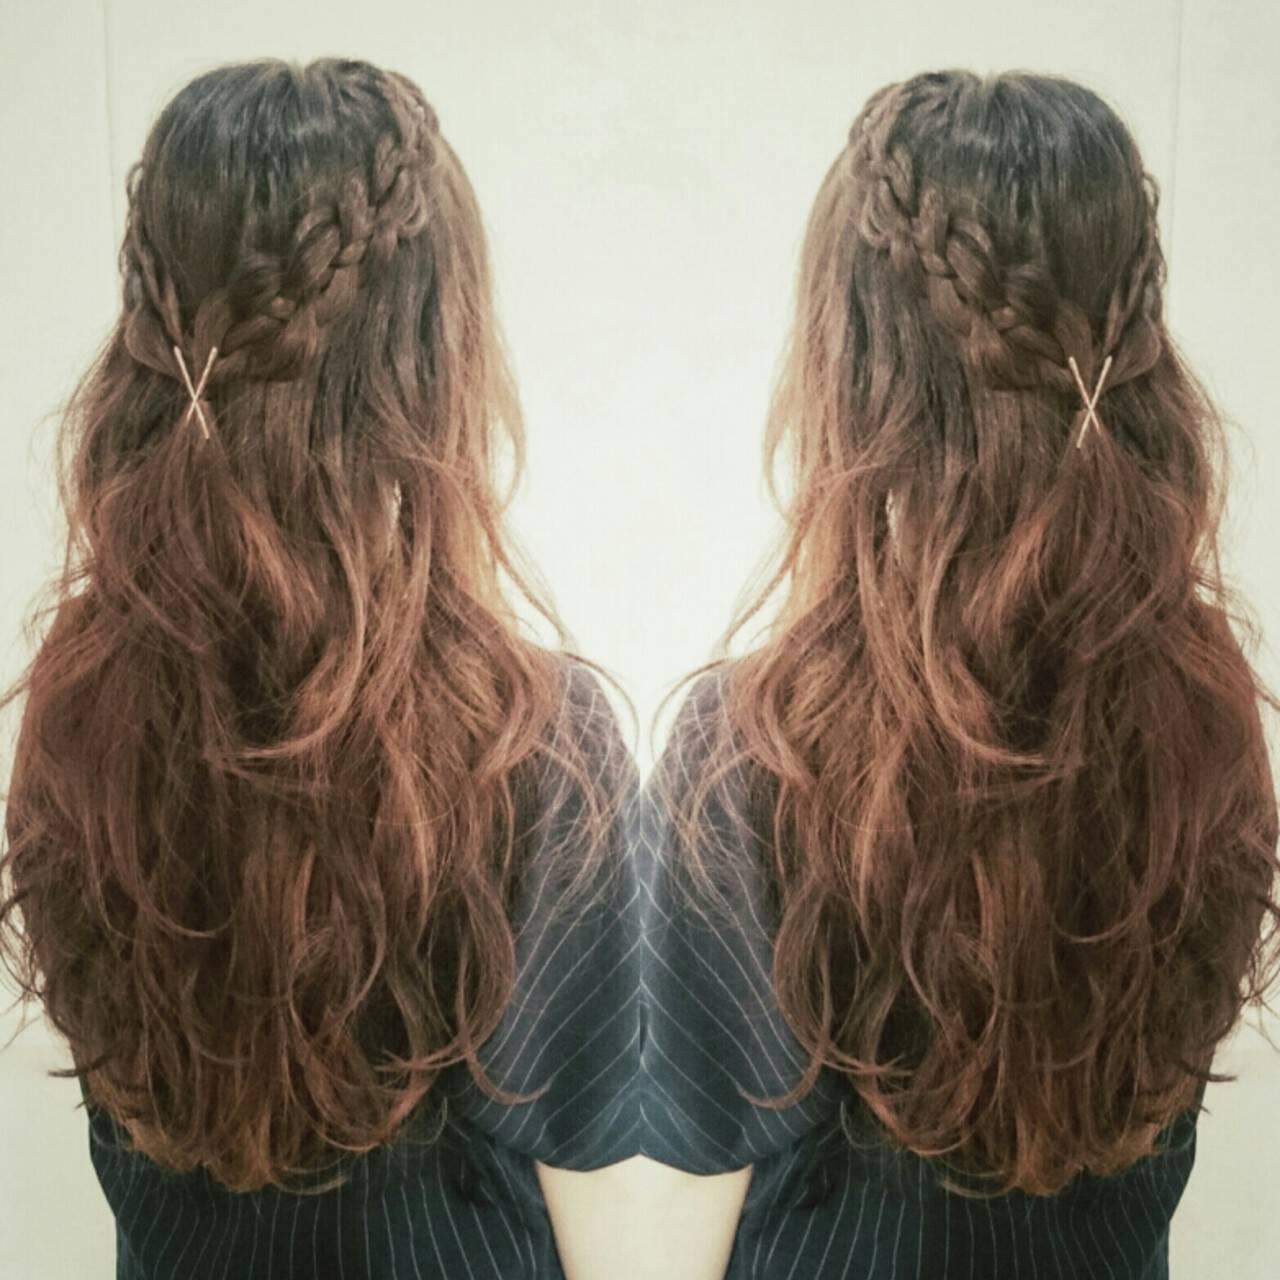 四つ編み フェミニン ヘアアレンジ ロングヘアスタイルや髪型の写真・画像